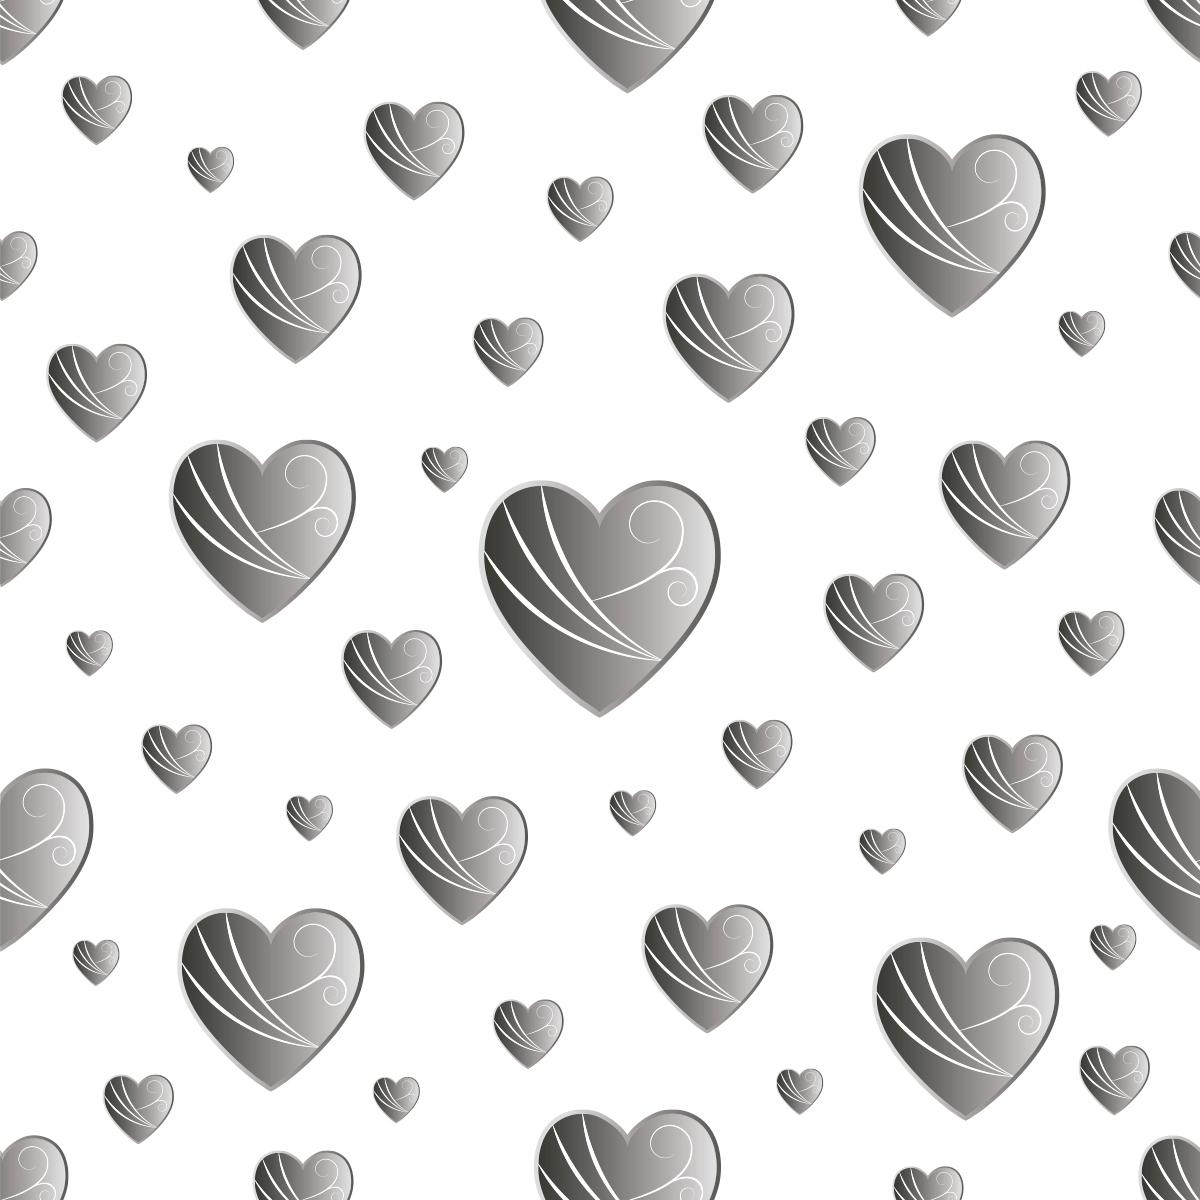 Papel de Parede Coração Degrade Aspecto 3D Adesivo